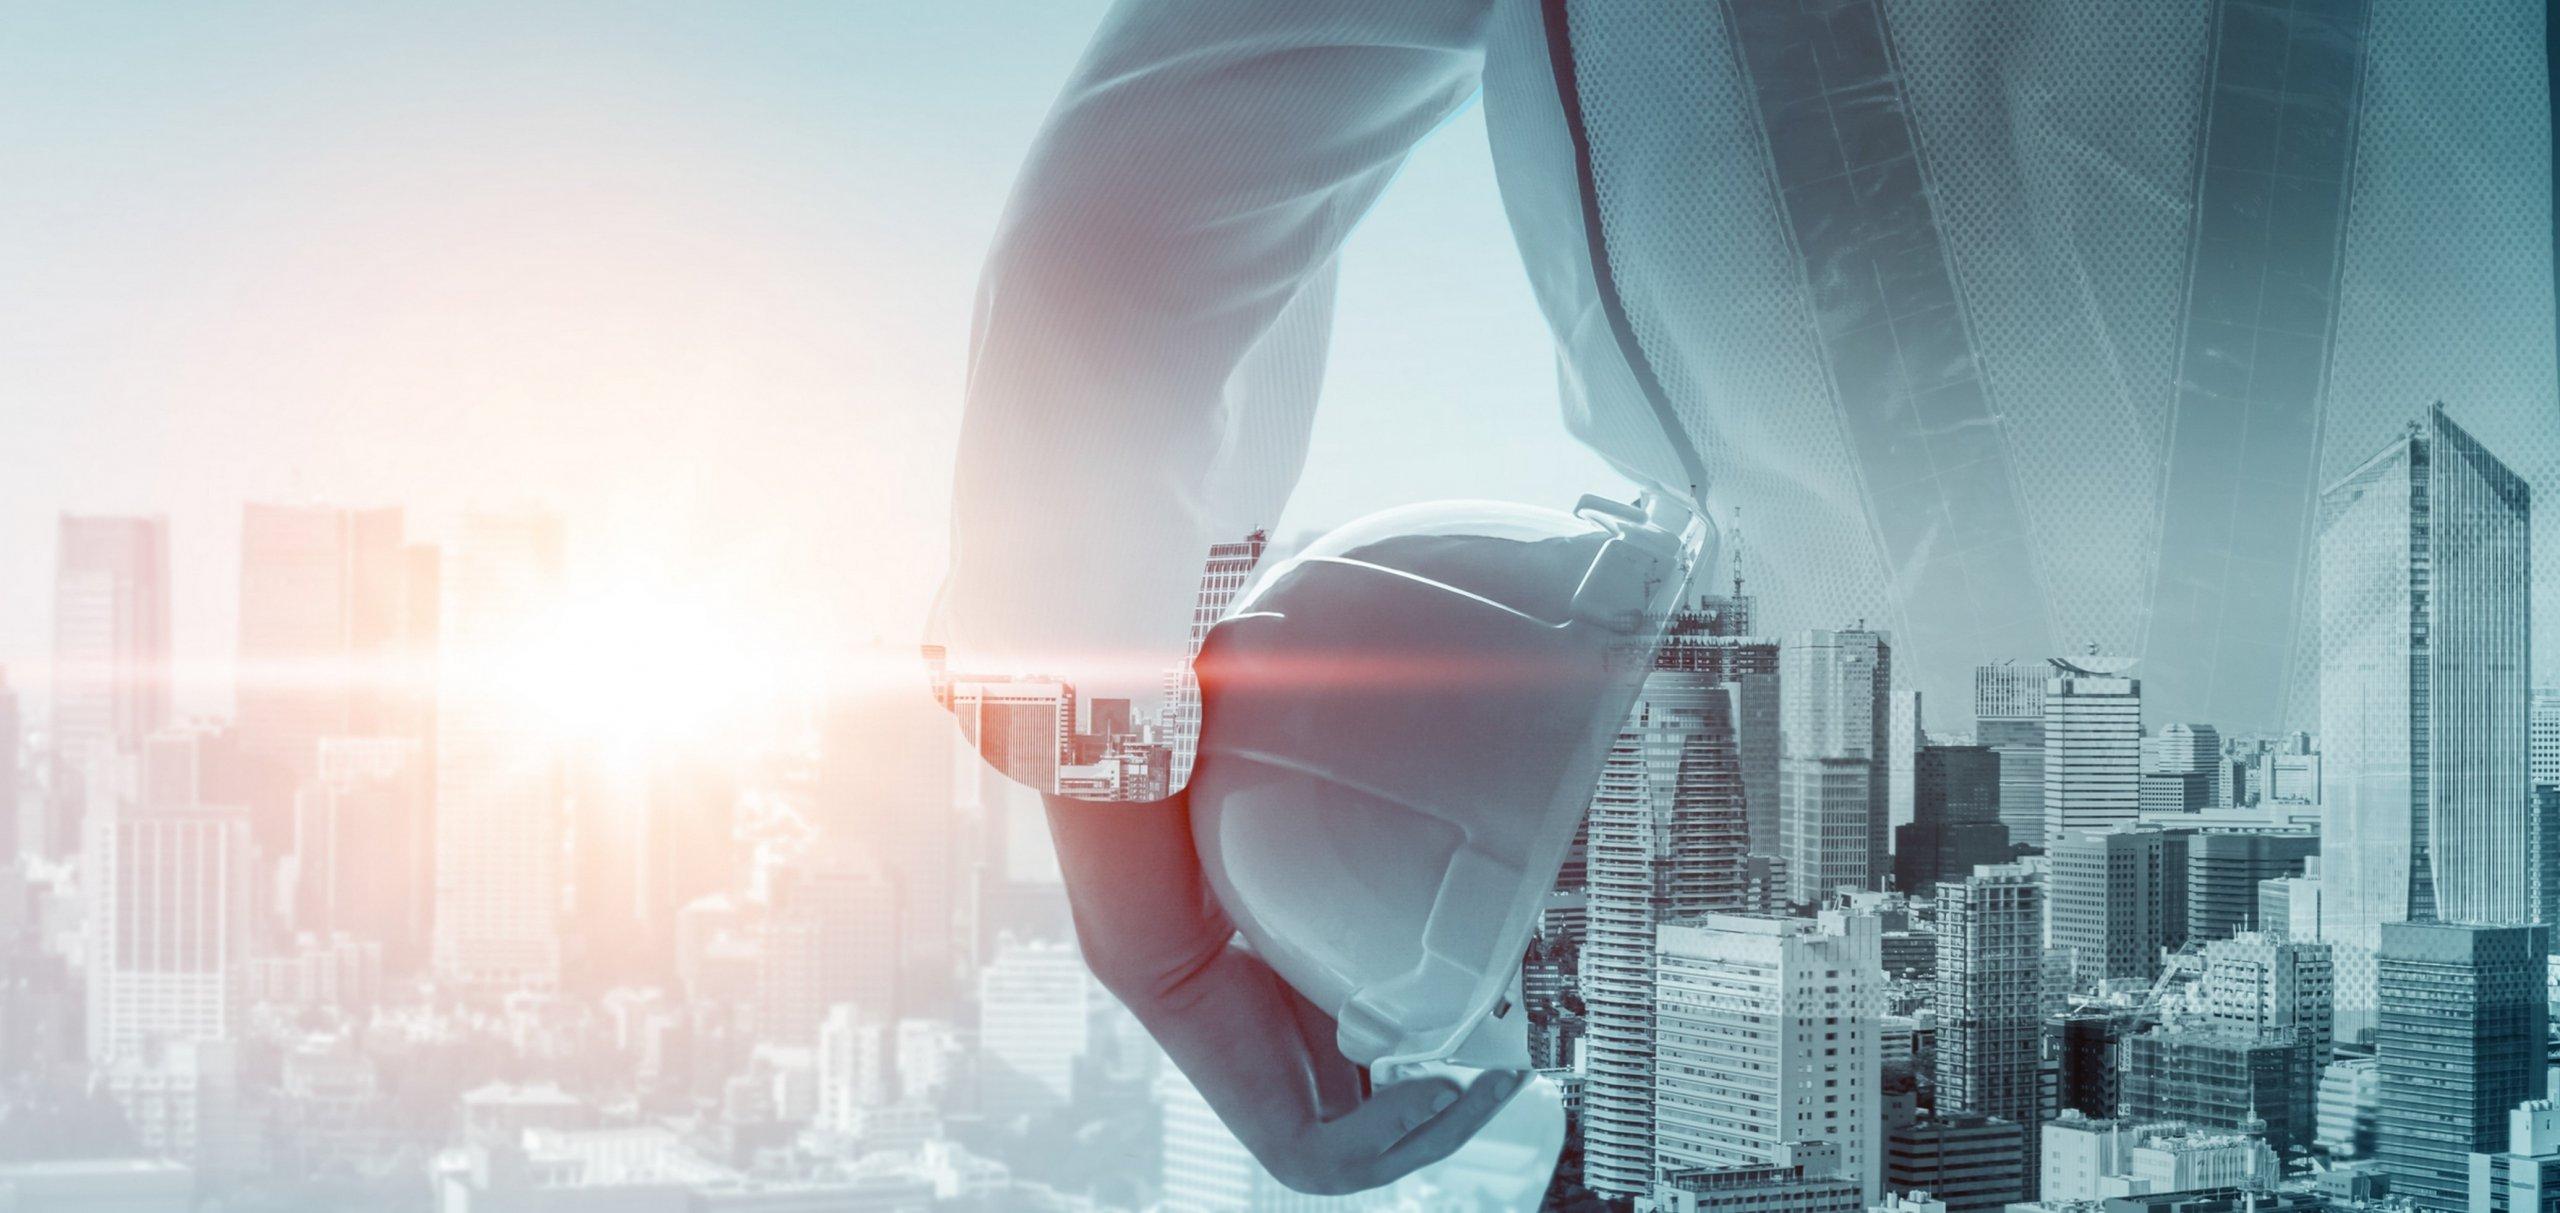 Автоматизированная система «Развитие коммунально-инженерной инфраструктуры»